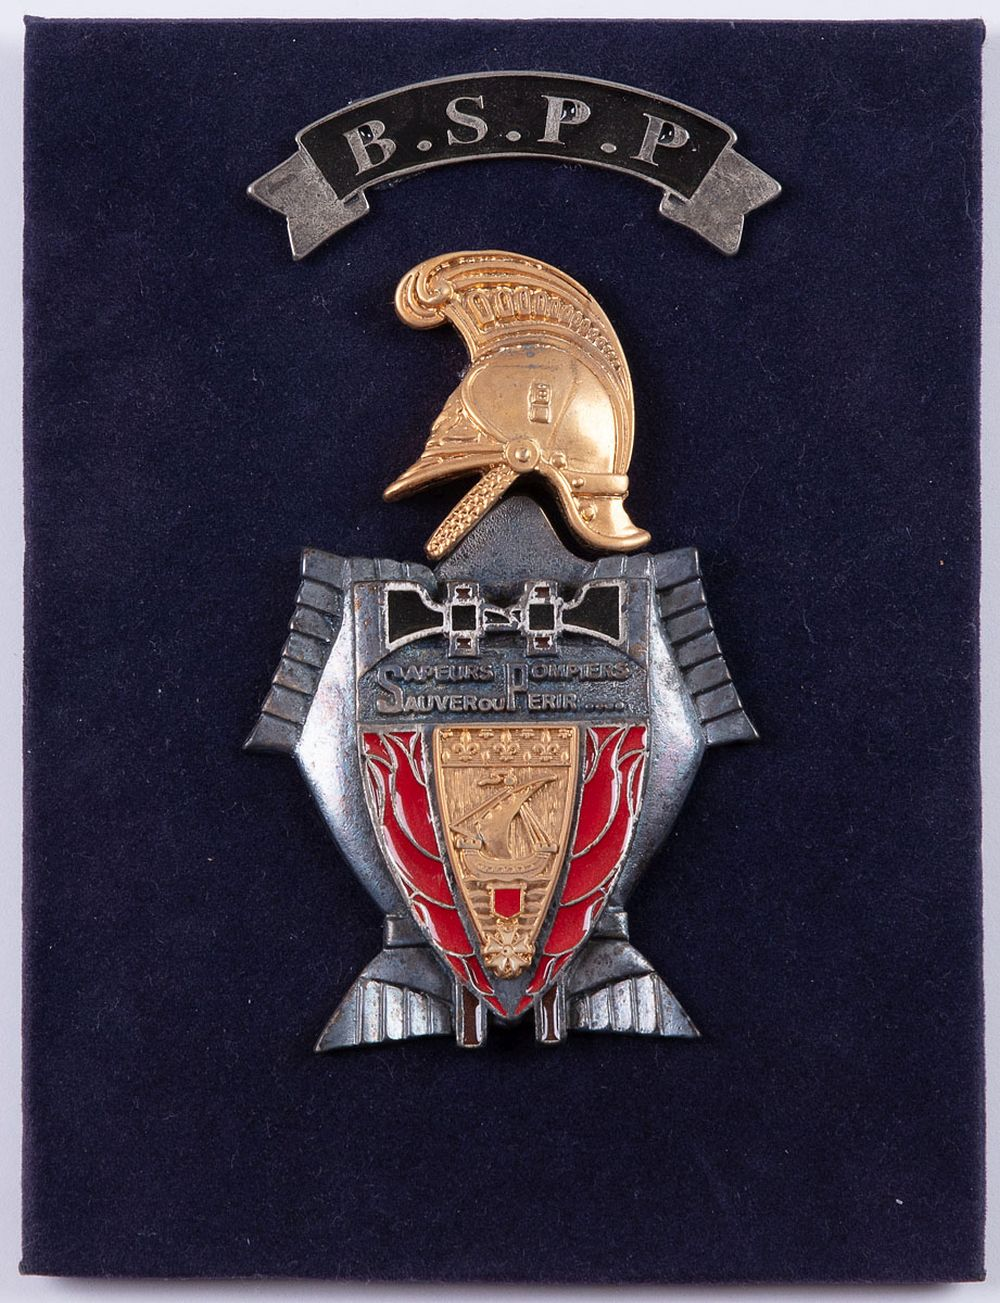 B.S.P.P. Souvenir de la Brigade de Sapeurs-Pompiers de